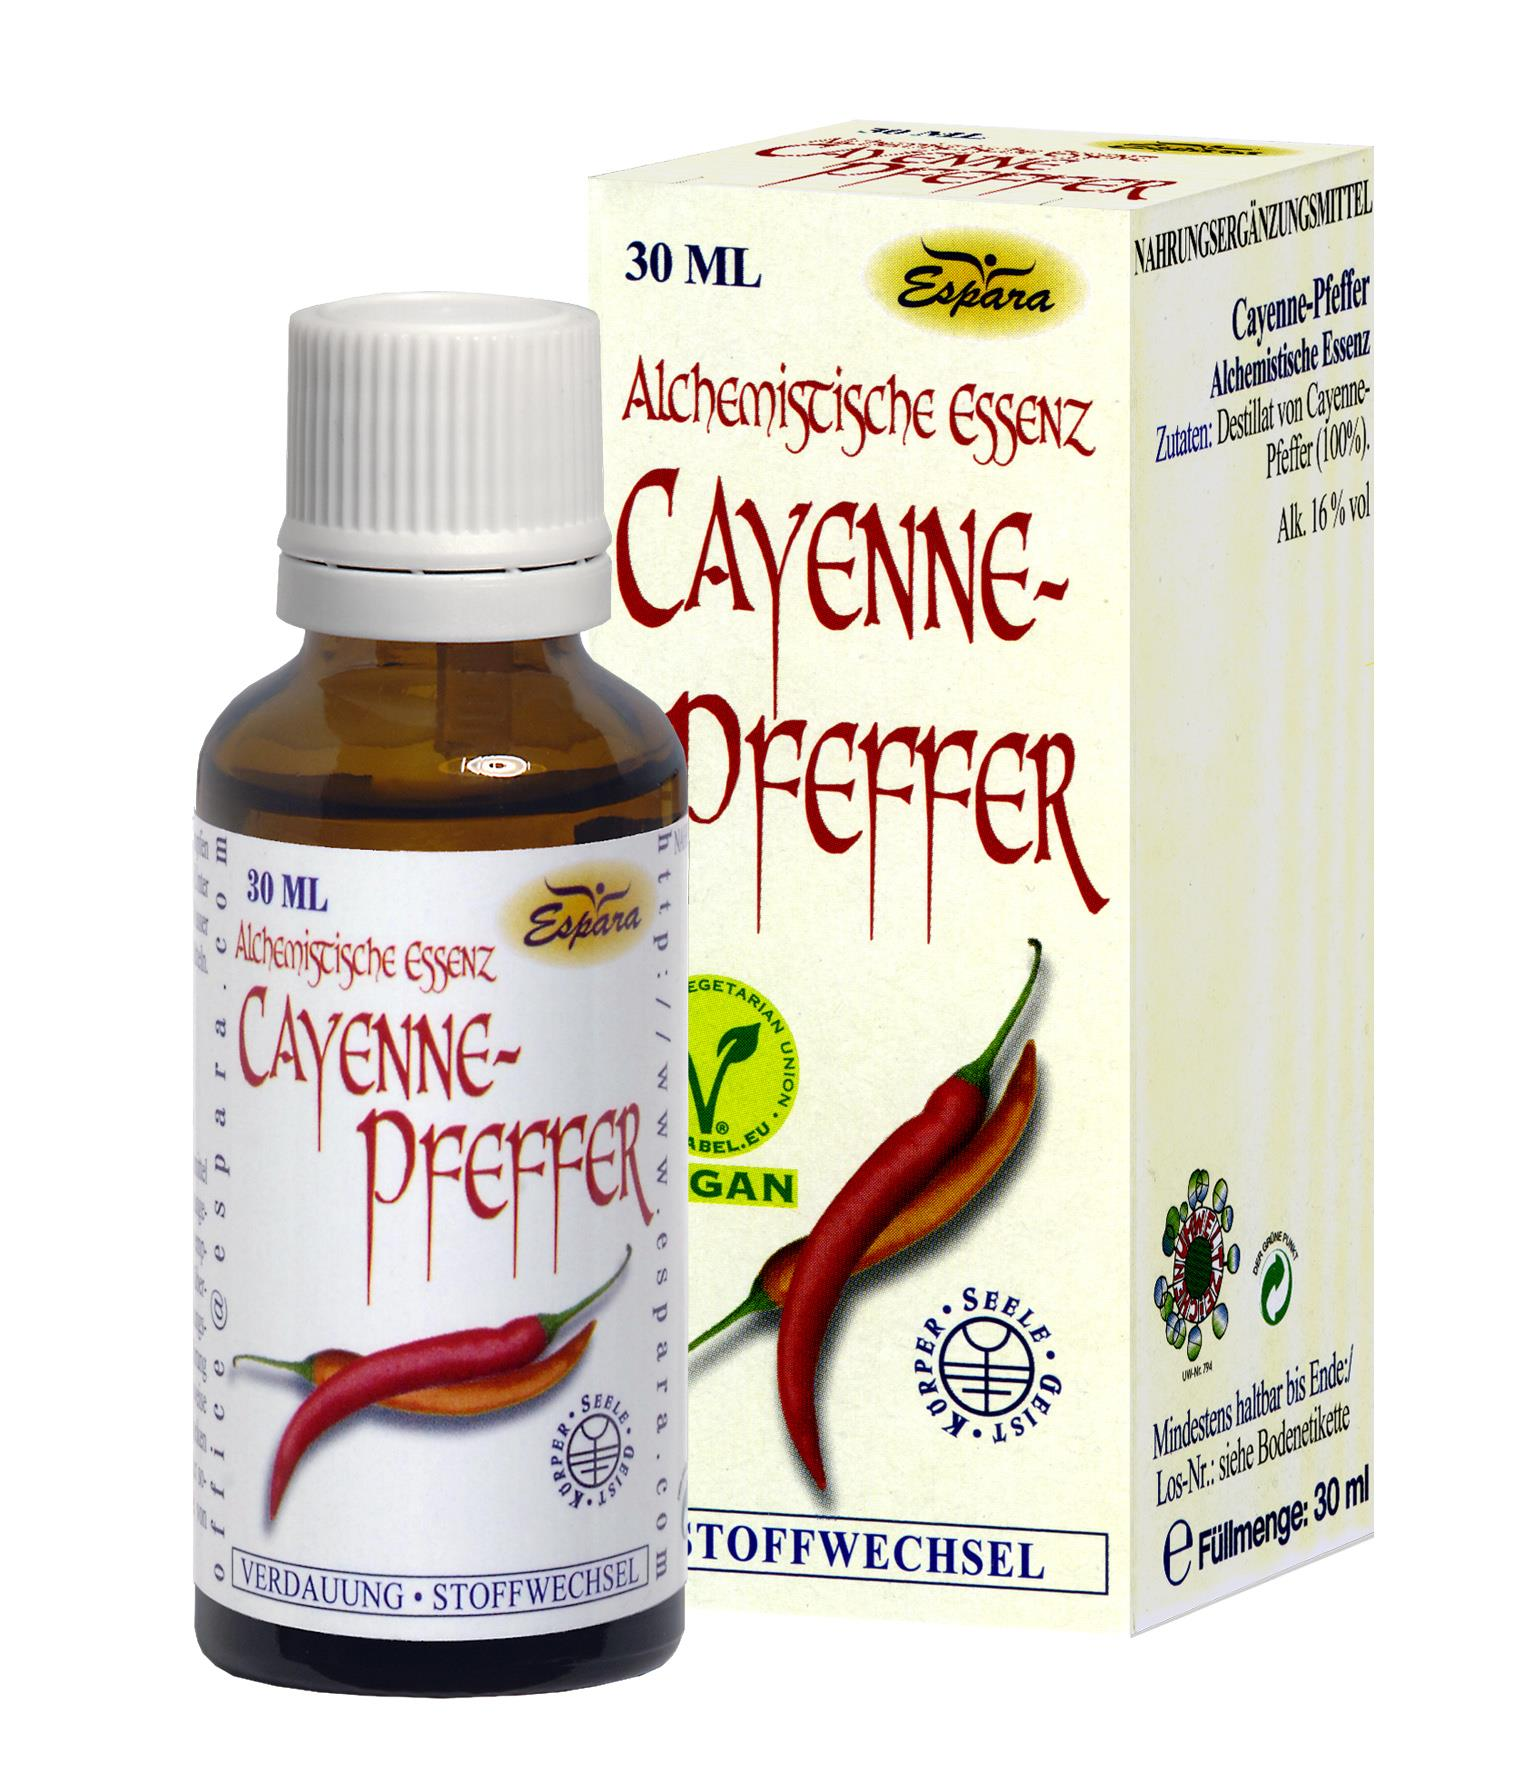 Espara Cayenne-Pfeffer Alchemistische Essenz